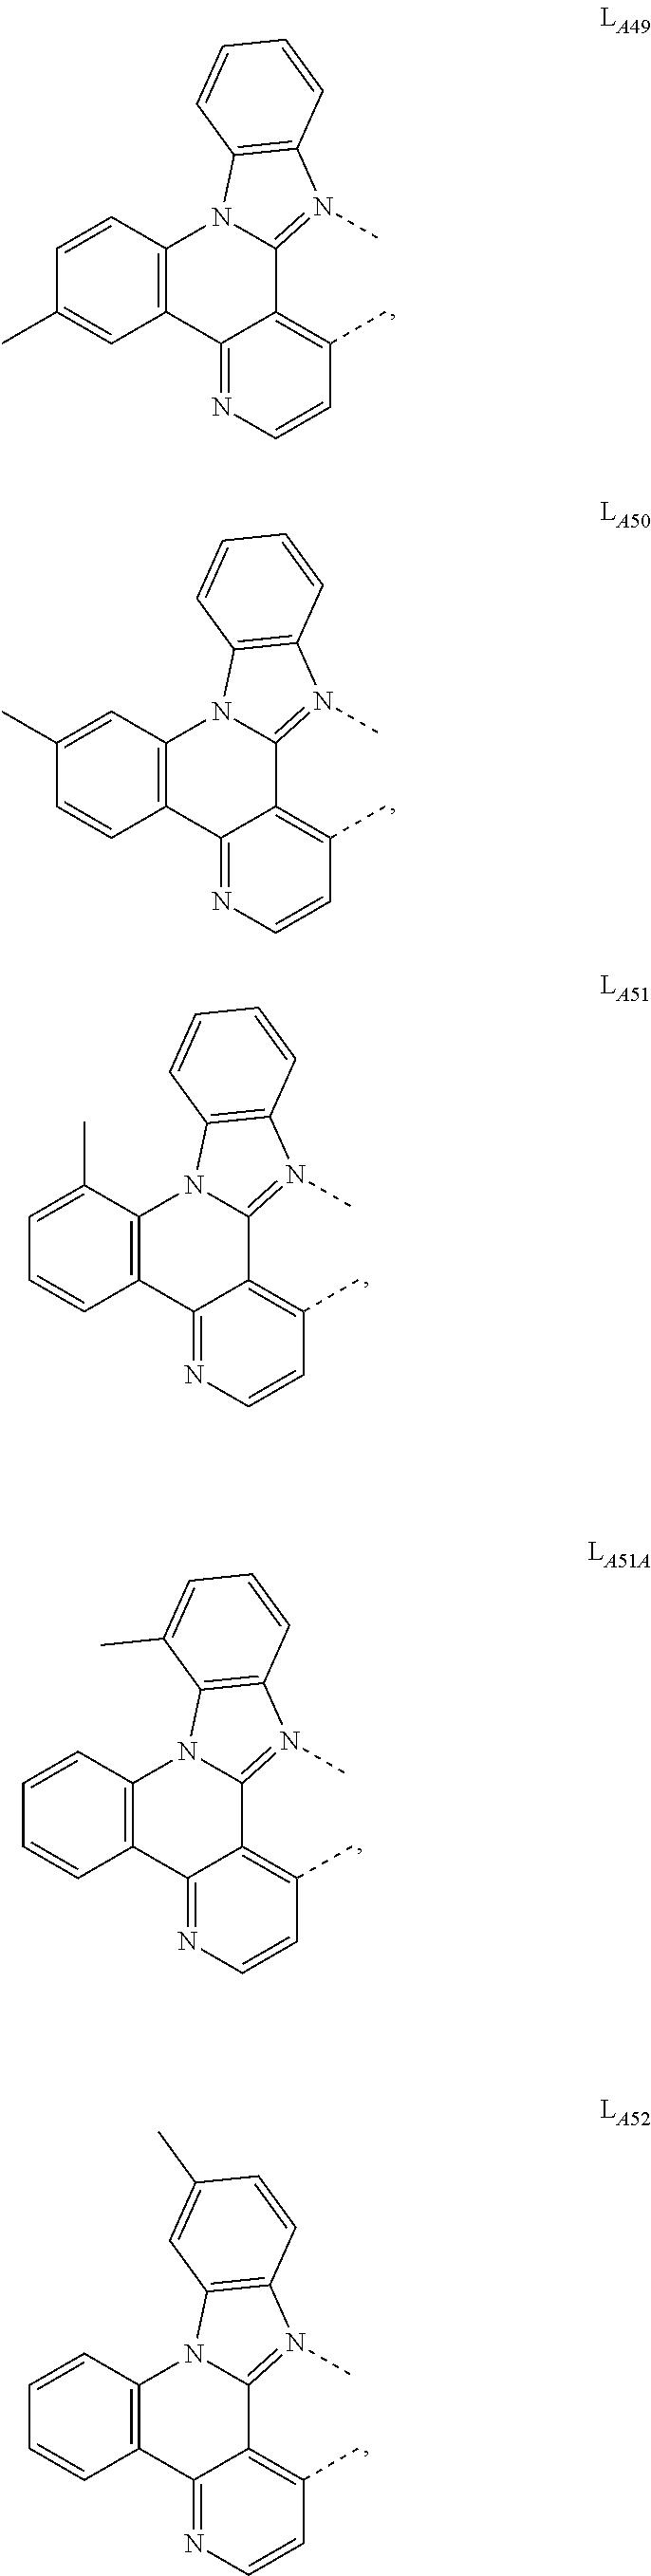 Figure US09905785-20180227-C00036